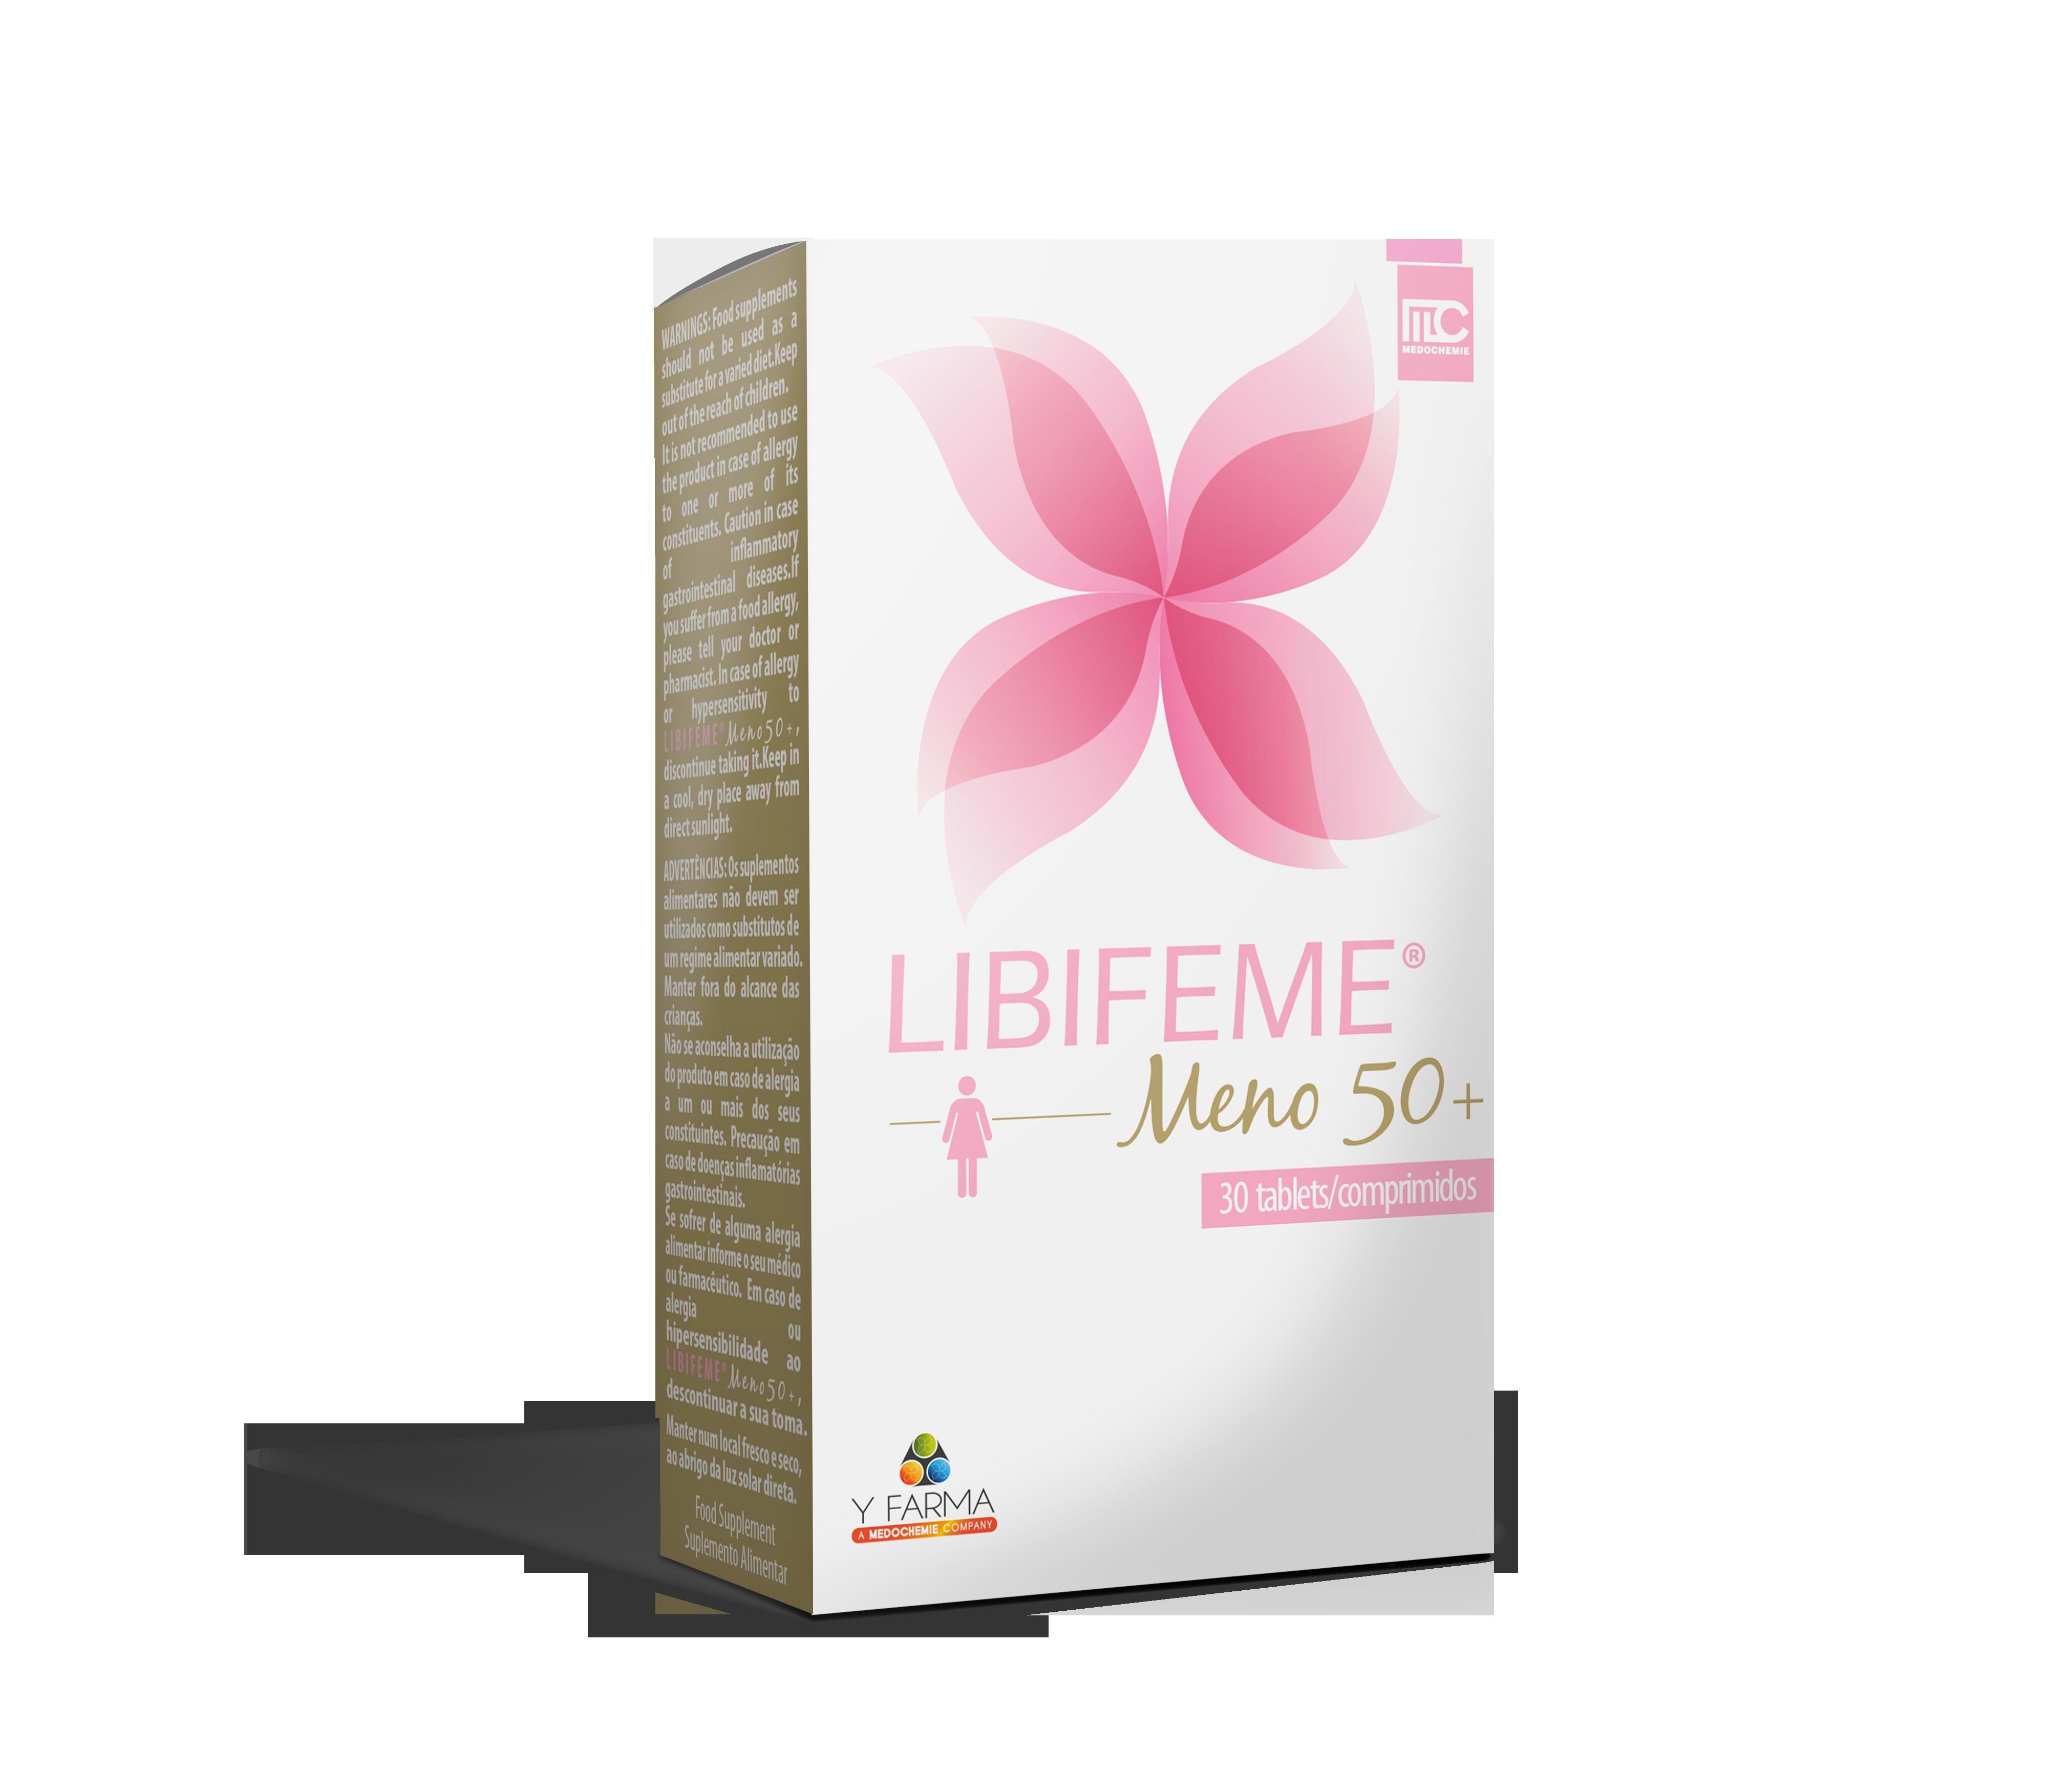 LIBIFEME MENO 50+